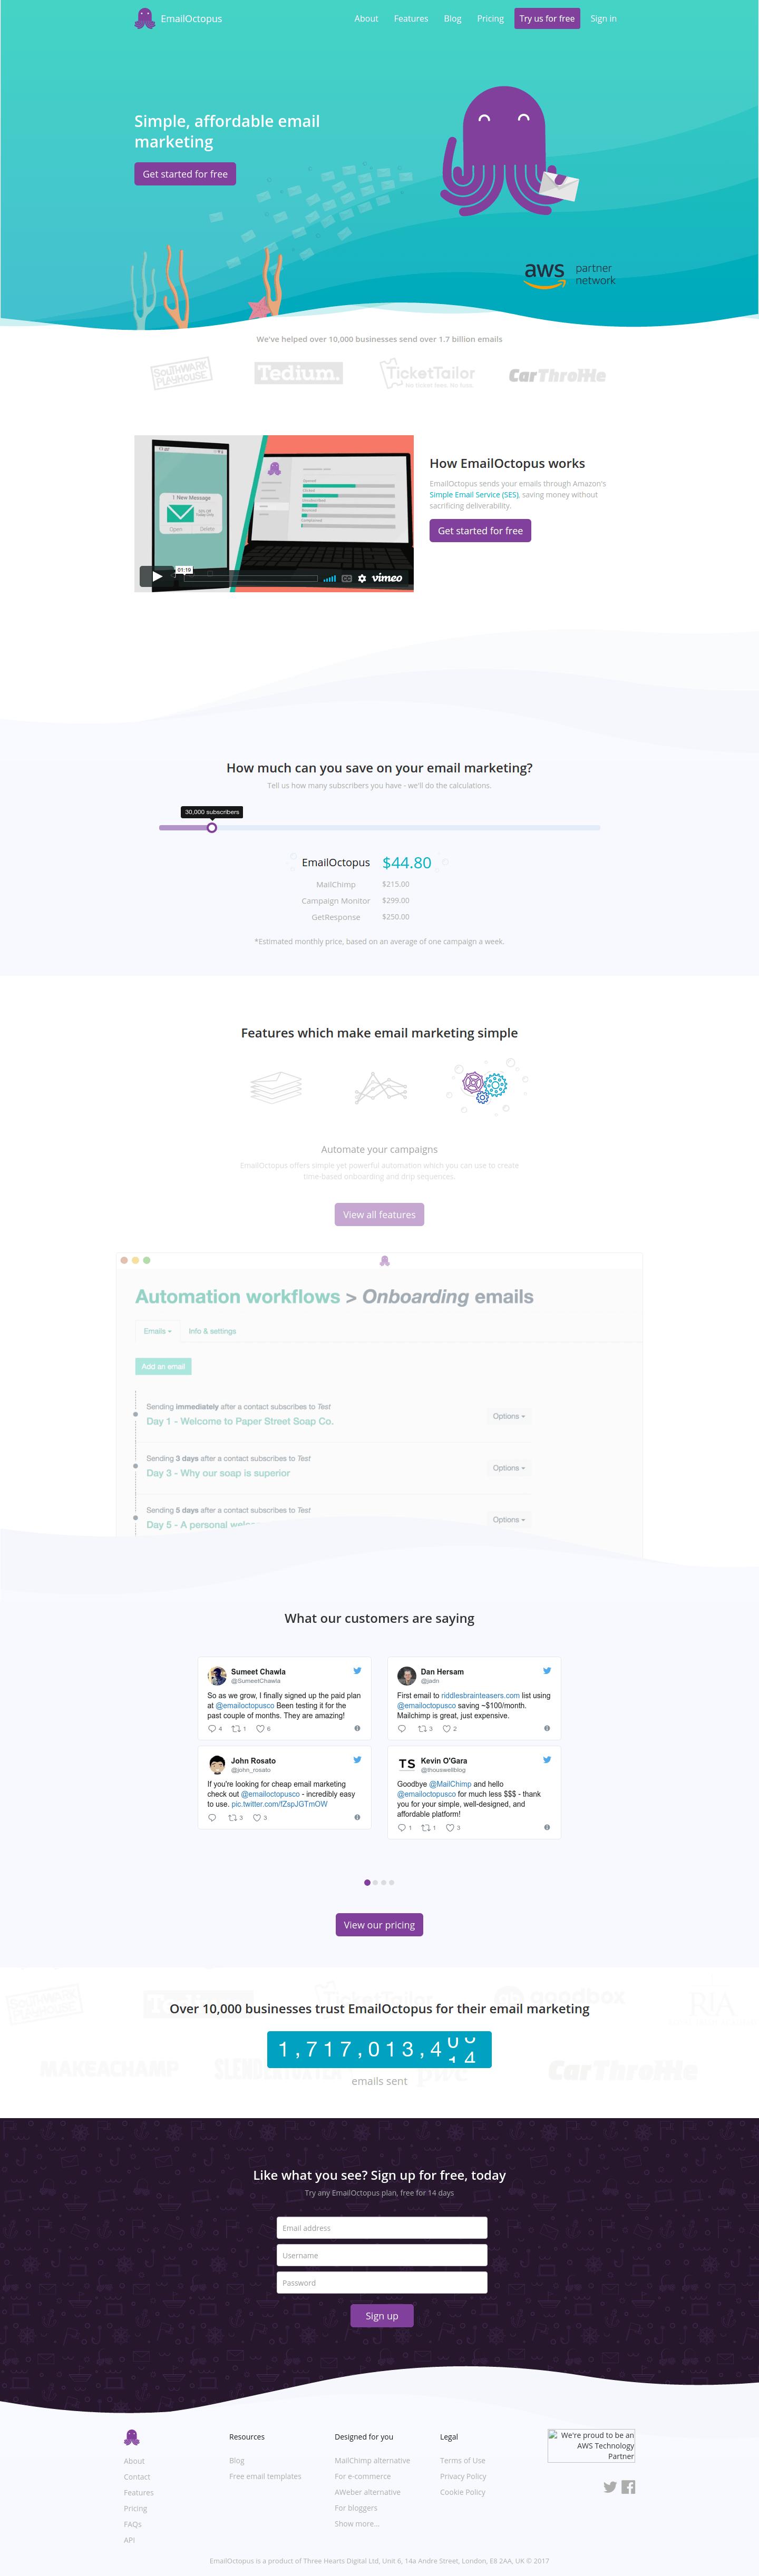 emailoctopus.com-full